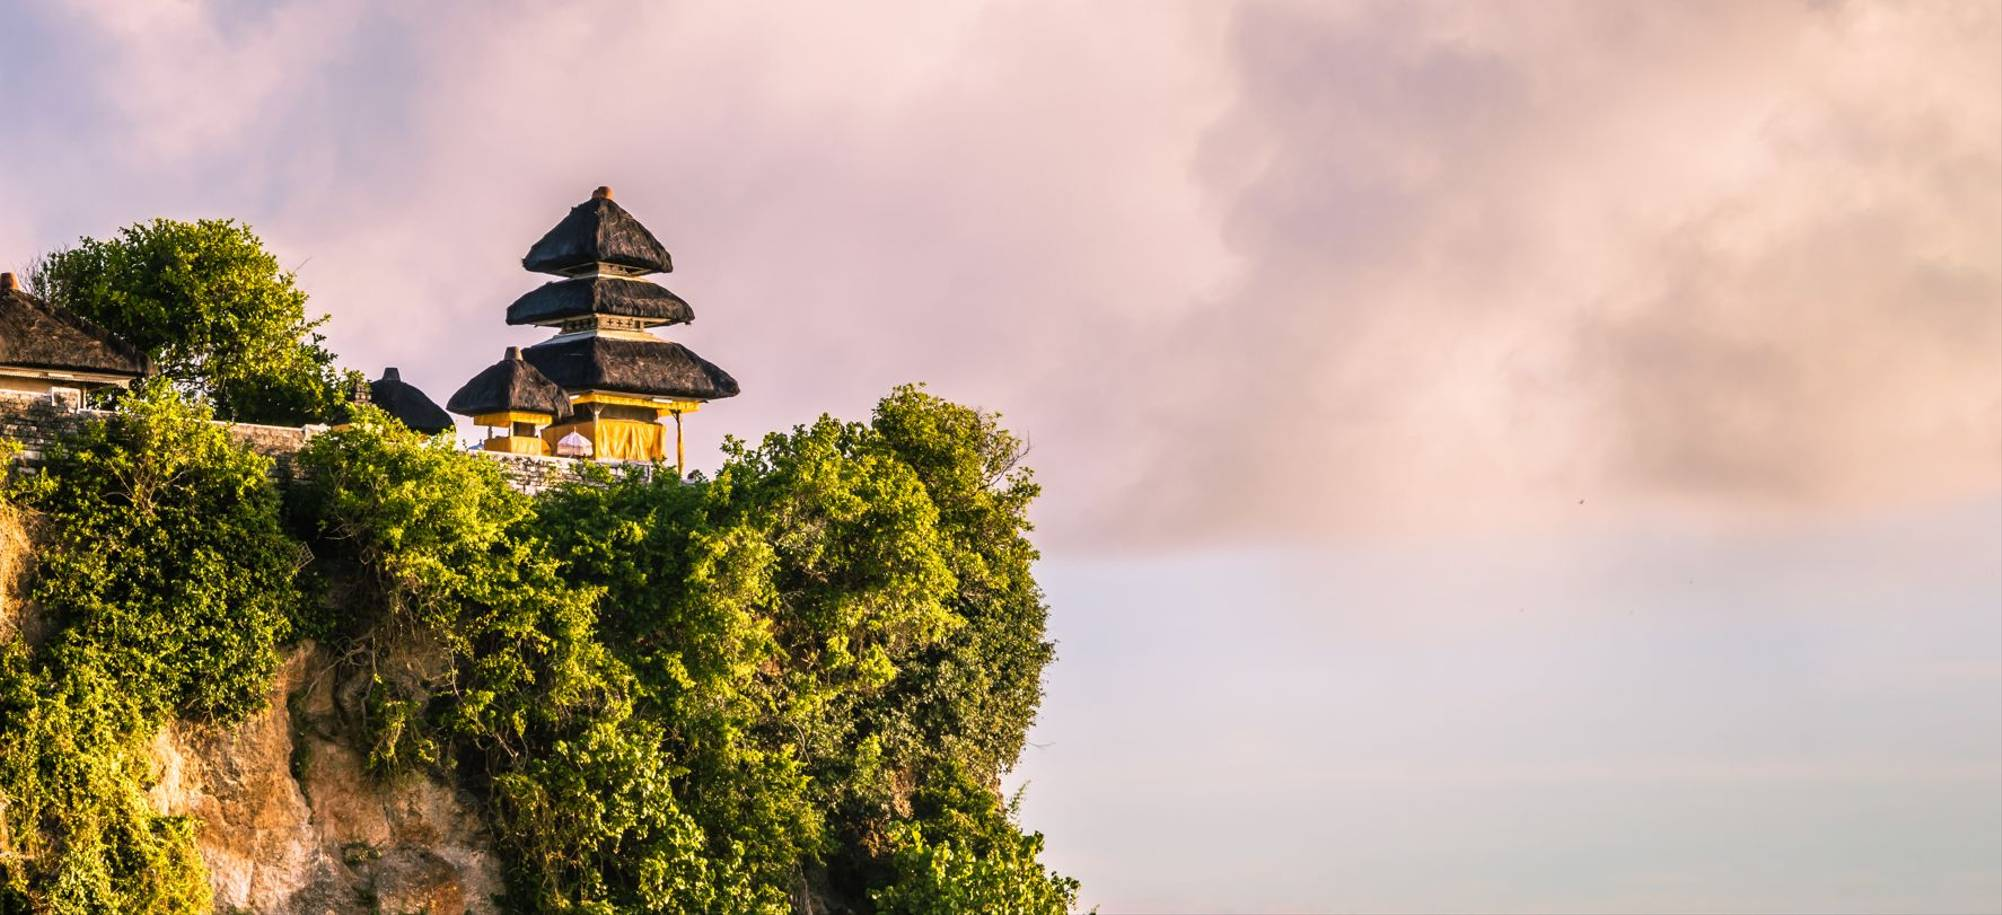 Bali   Uluwatu Temple   Itinerary Desktop